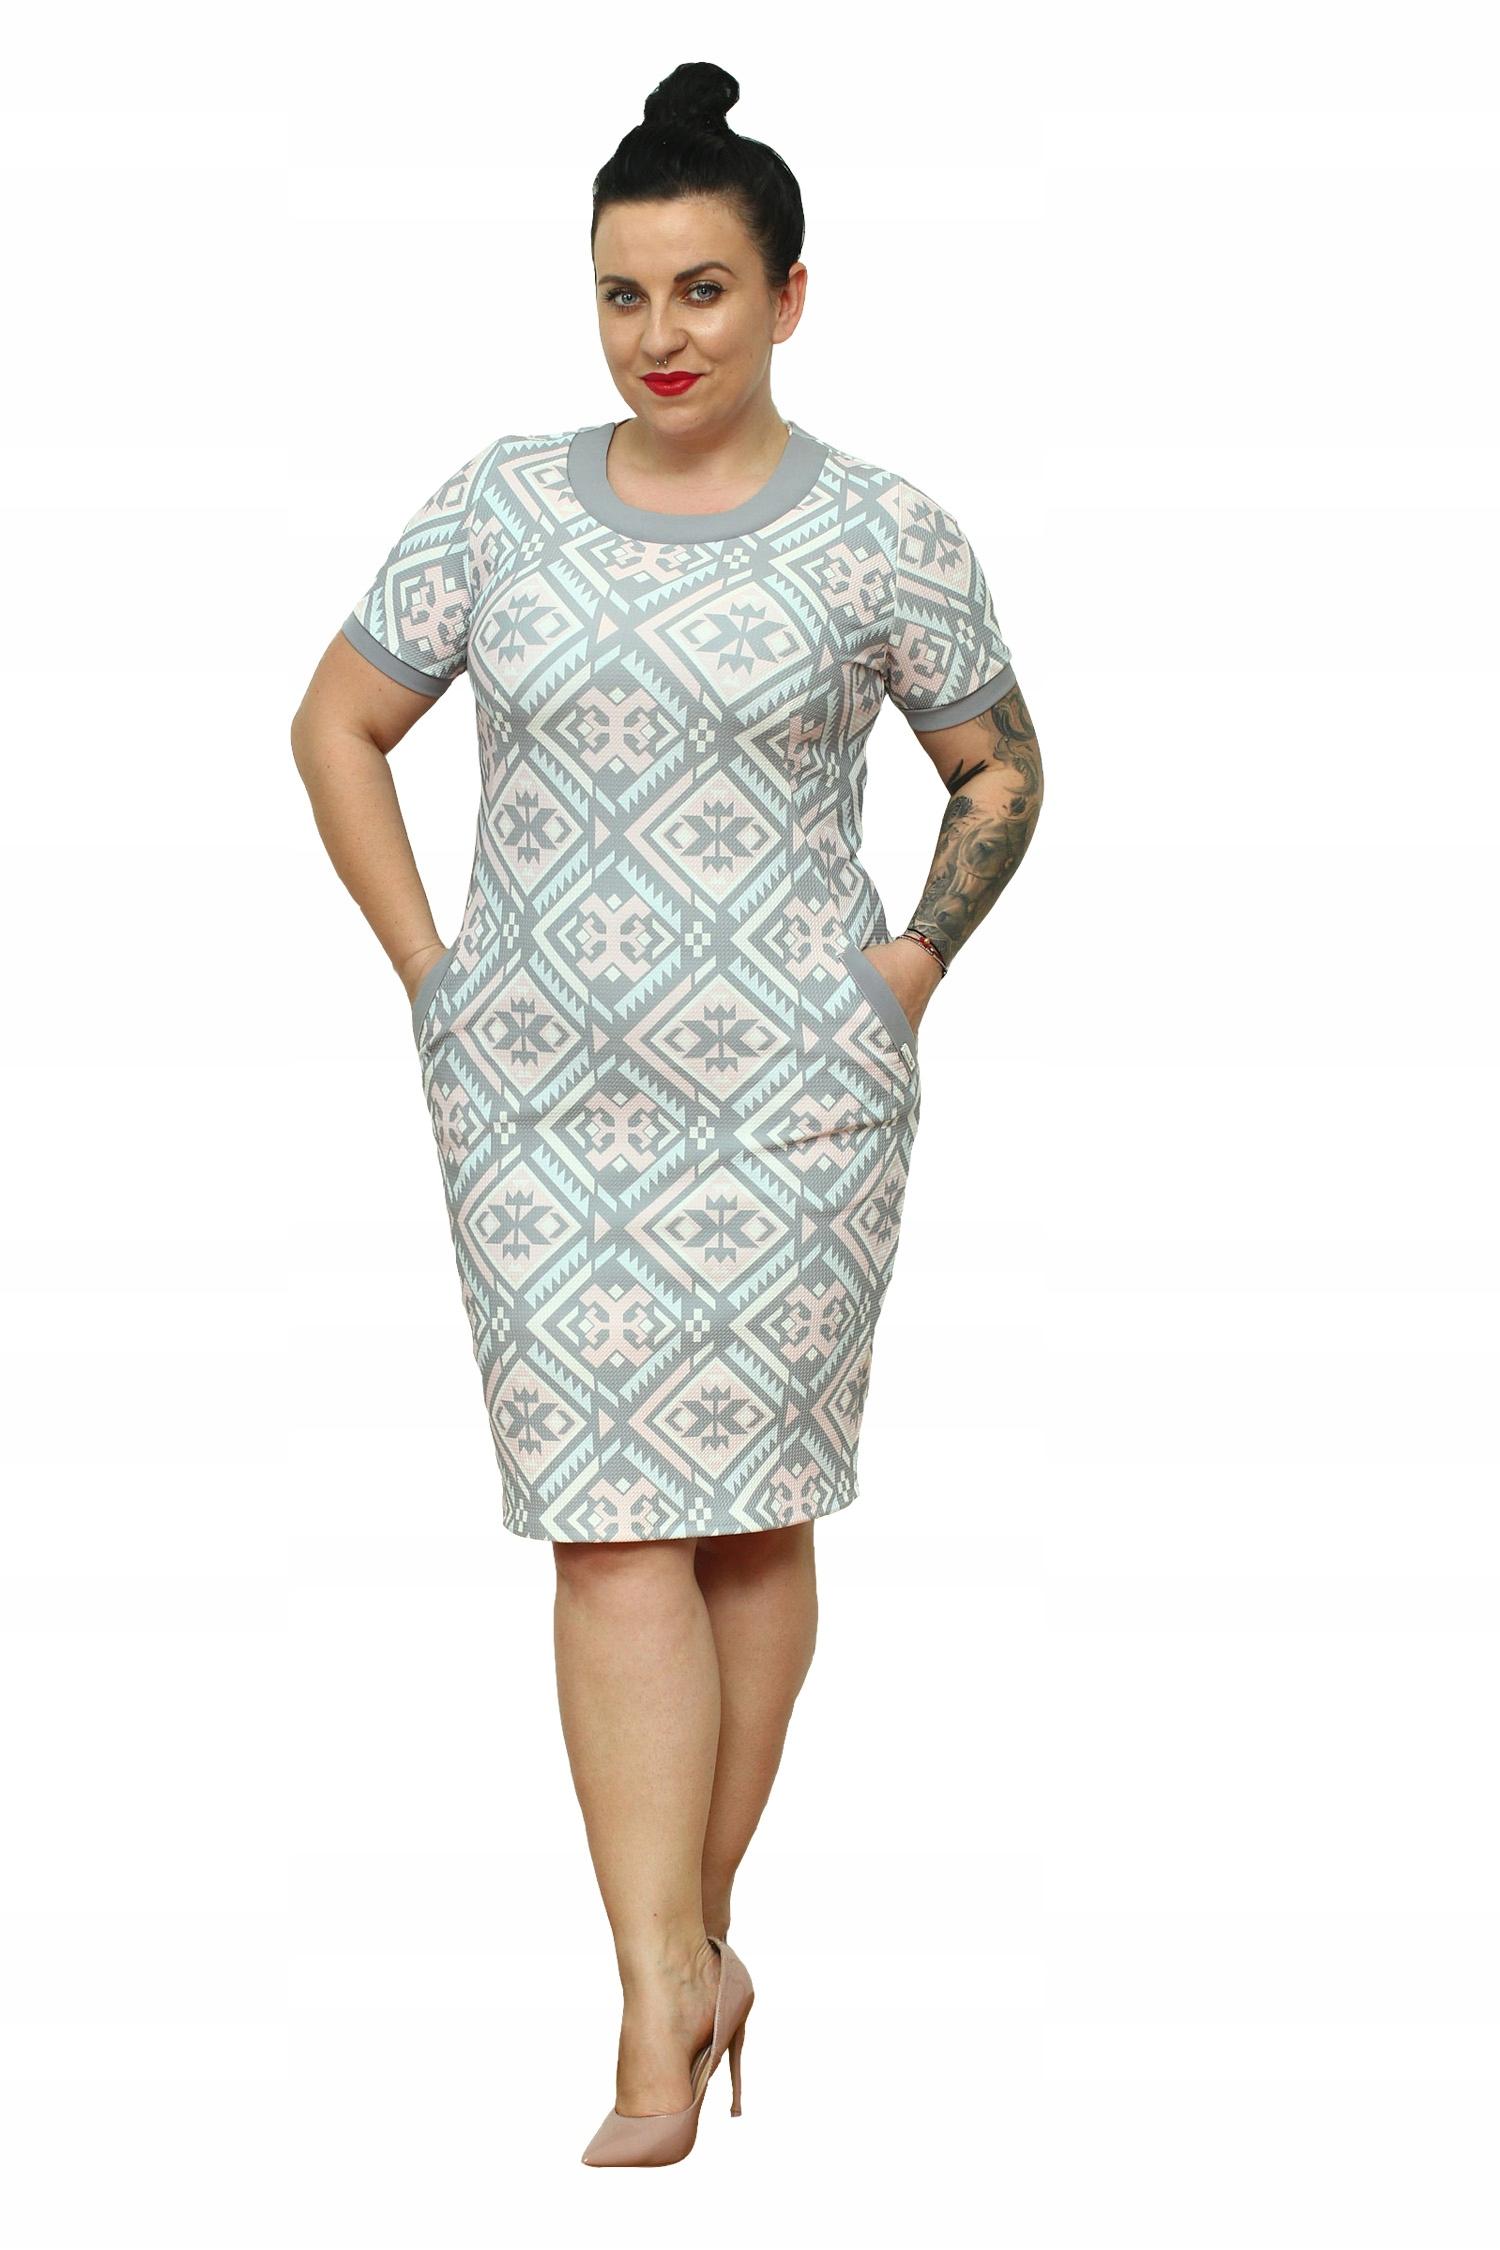 a2c6e4ecfa WYPRZEDAŻ Sukienka Tekla pastelowa orientalna 46 - 7709708891 ...